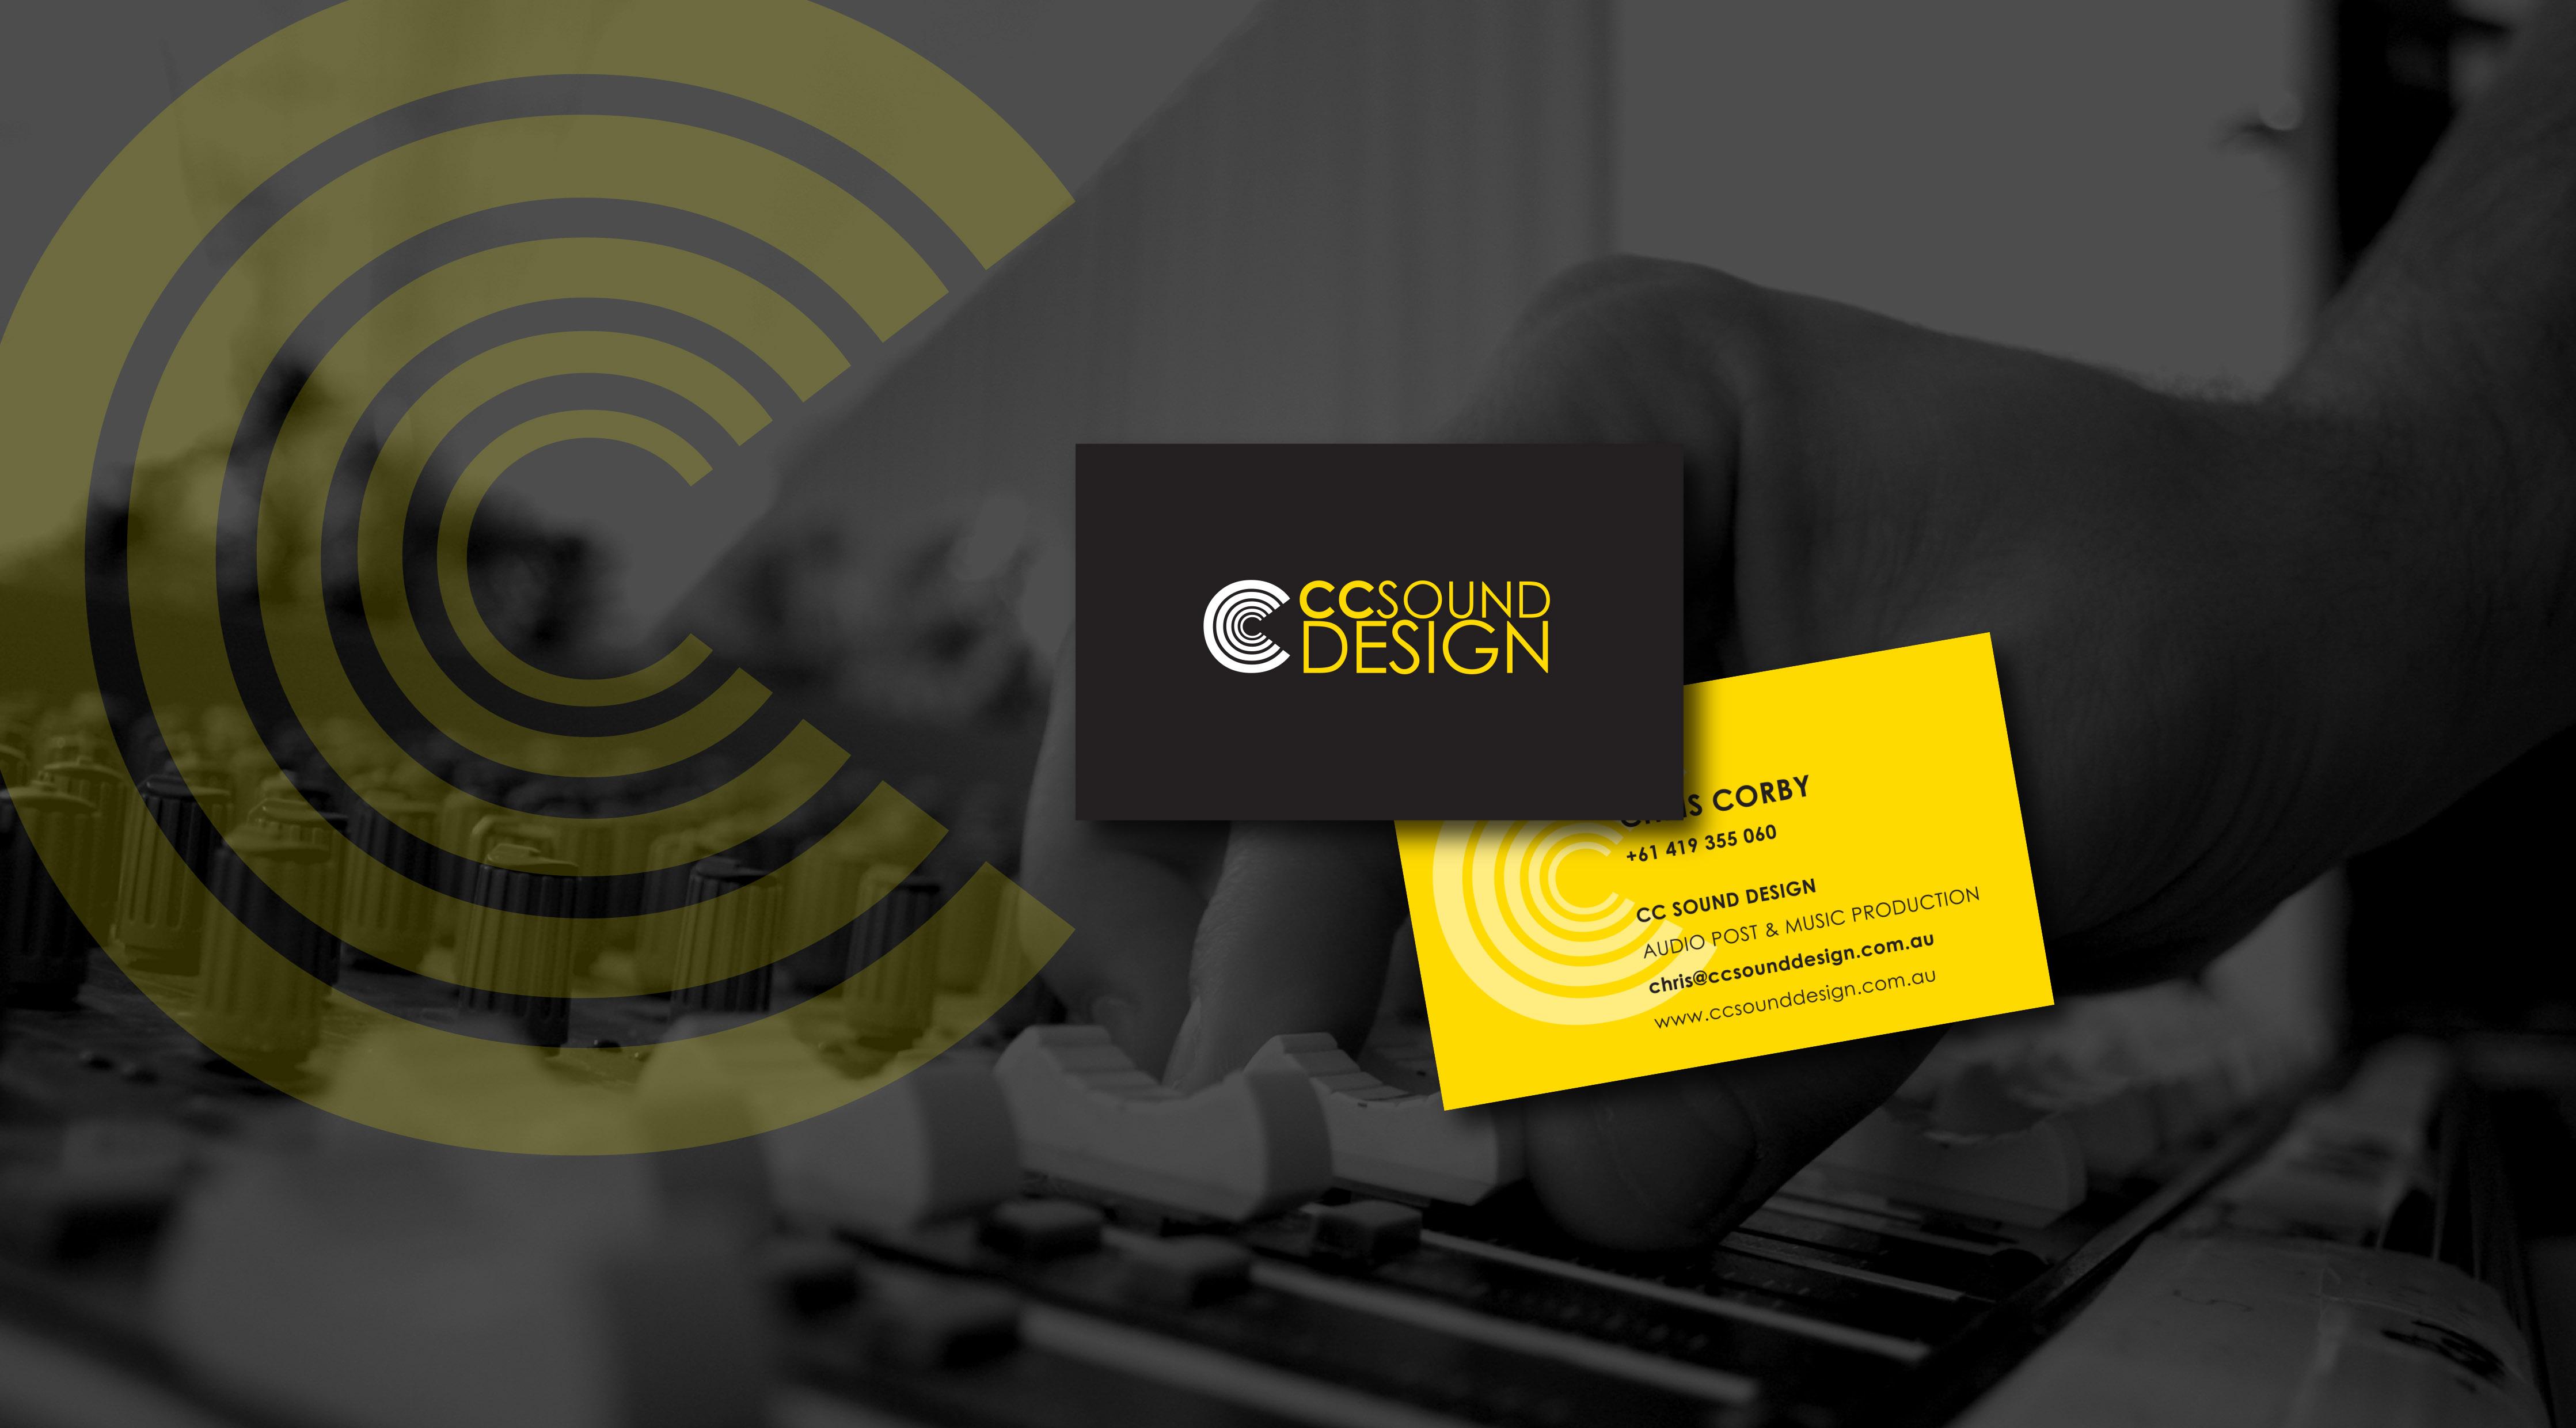 Design-ccsound